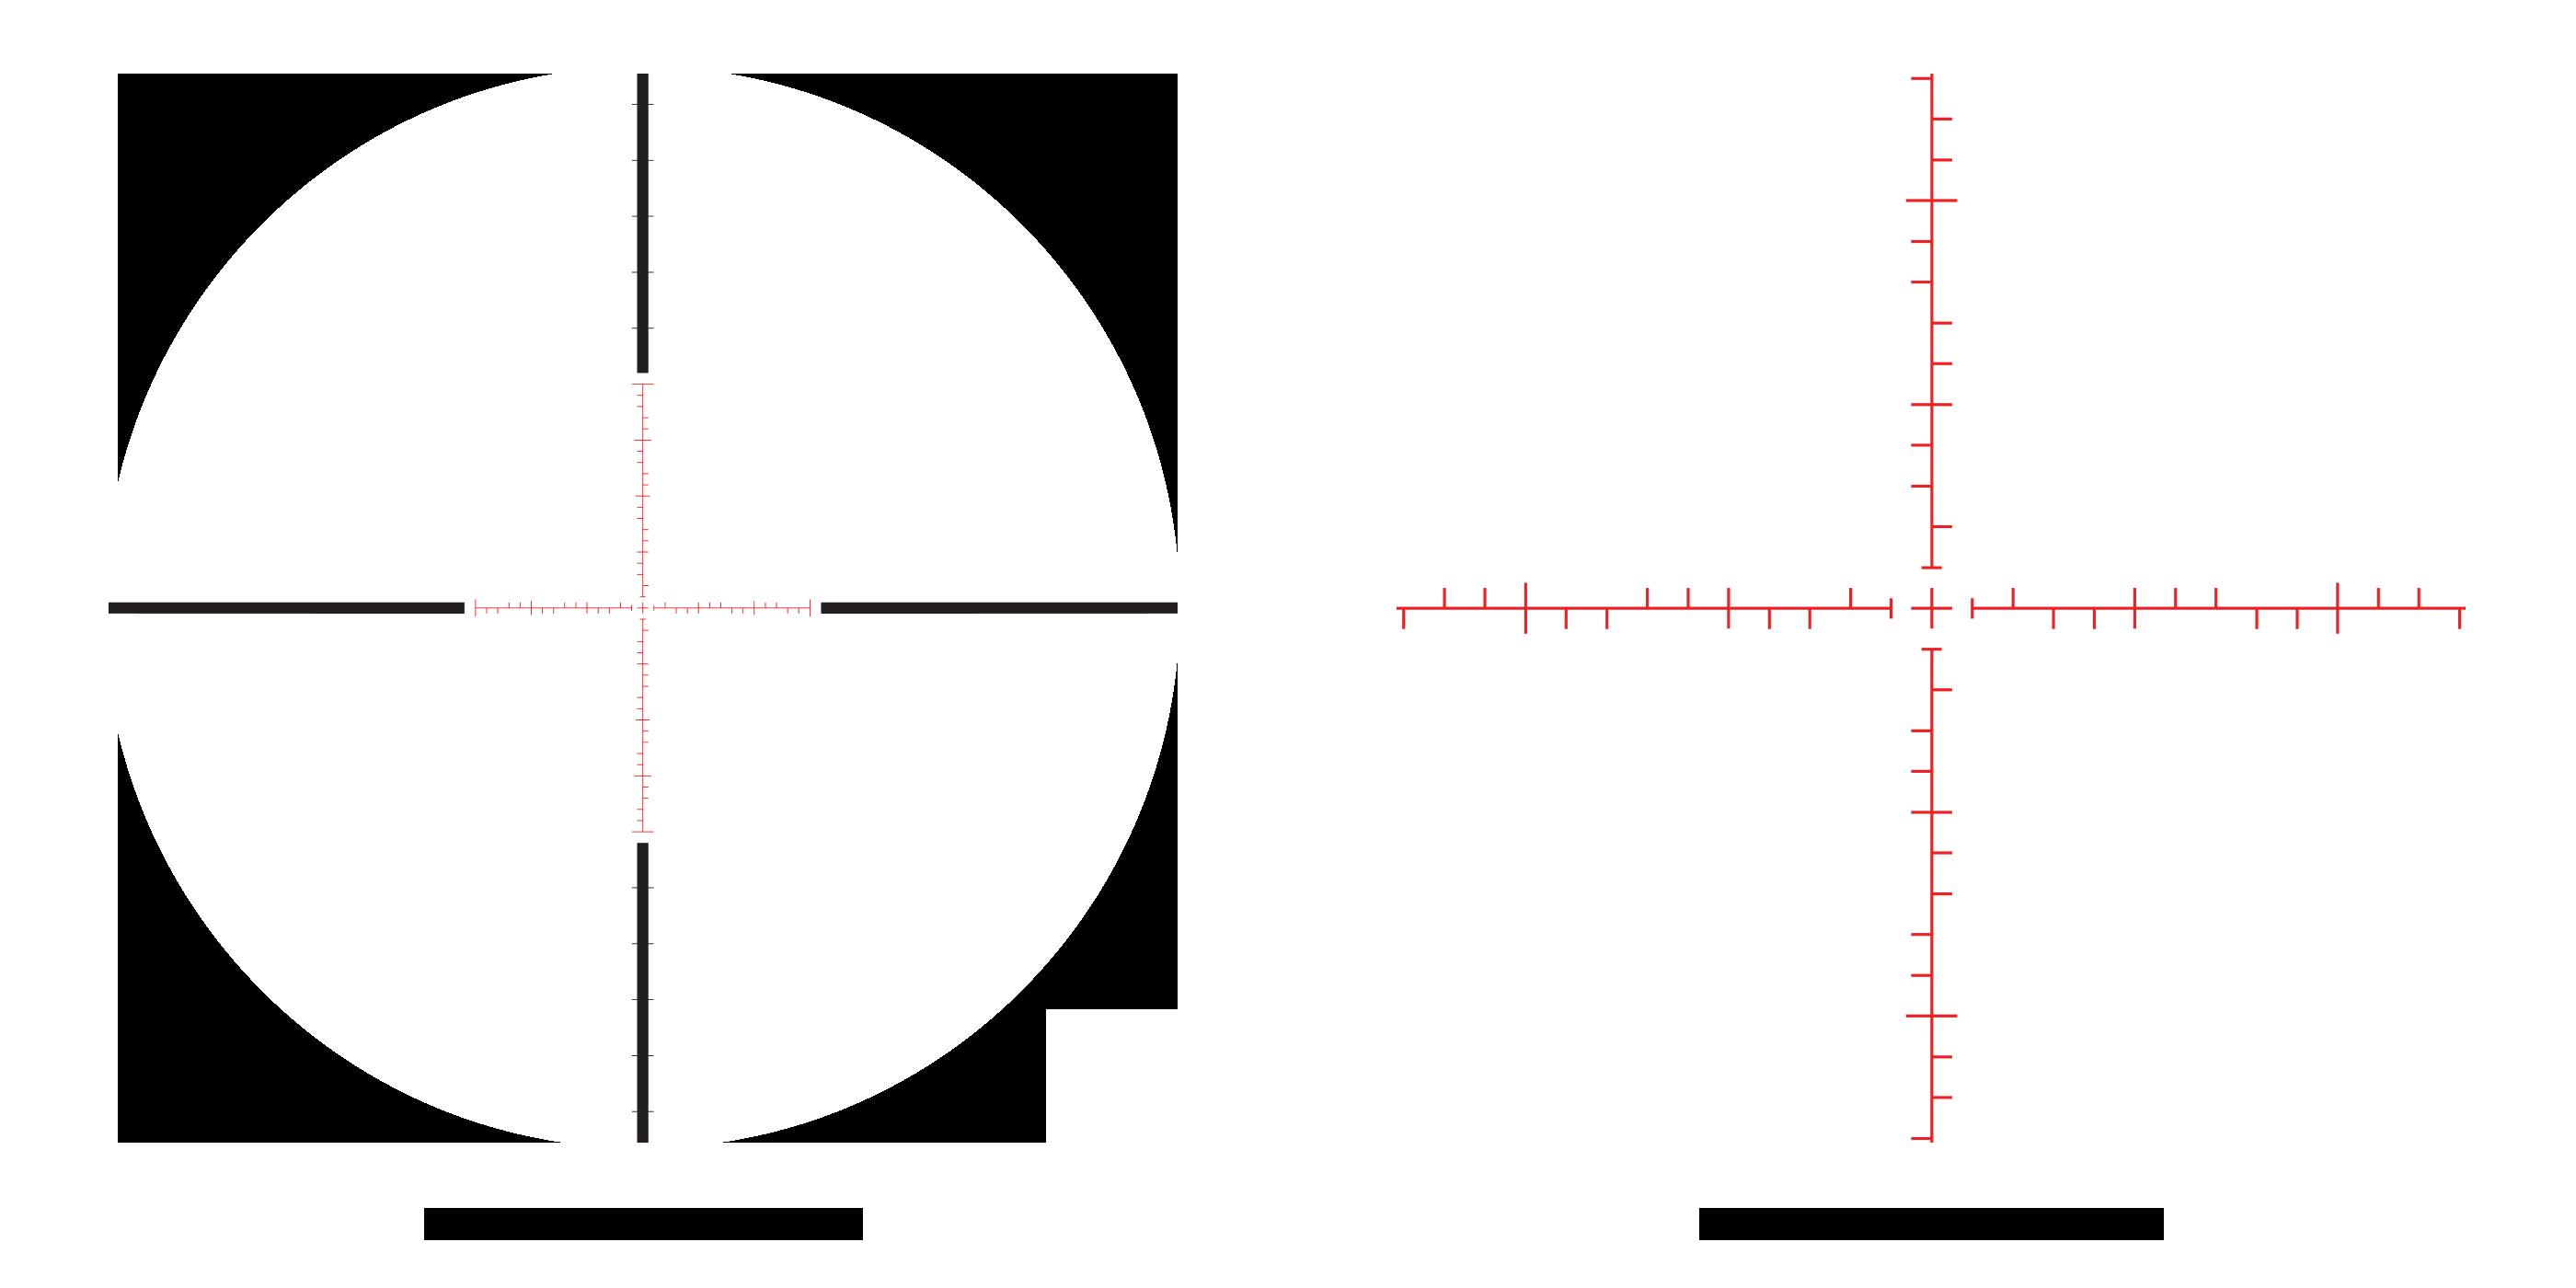 FFP scopes-atmr-ffp-ir-moa-pwr-624.png